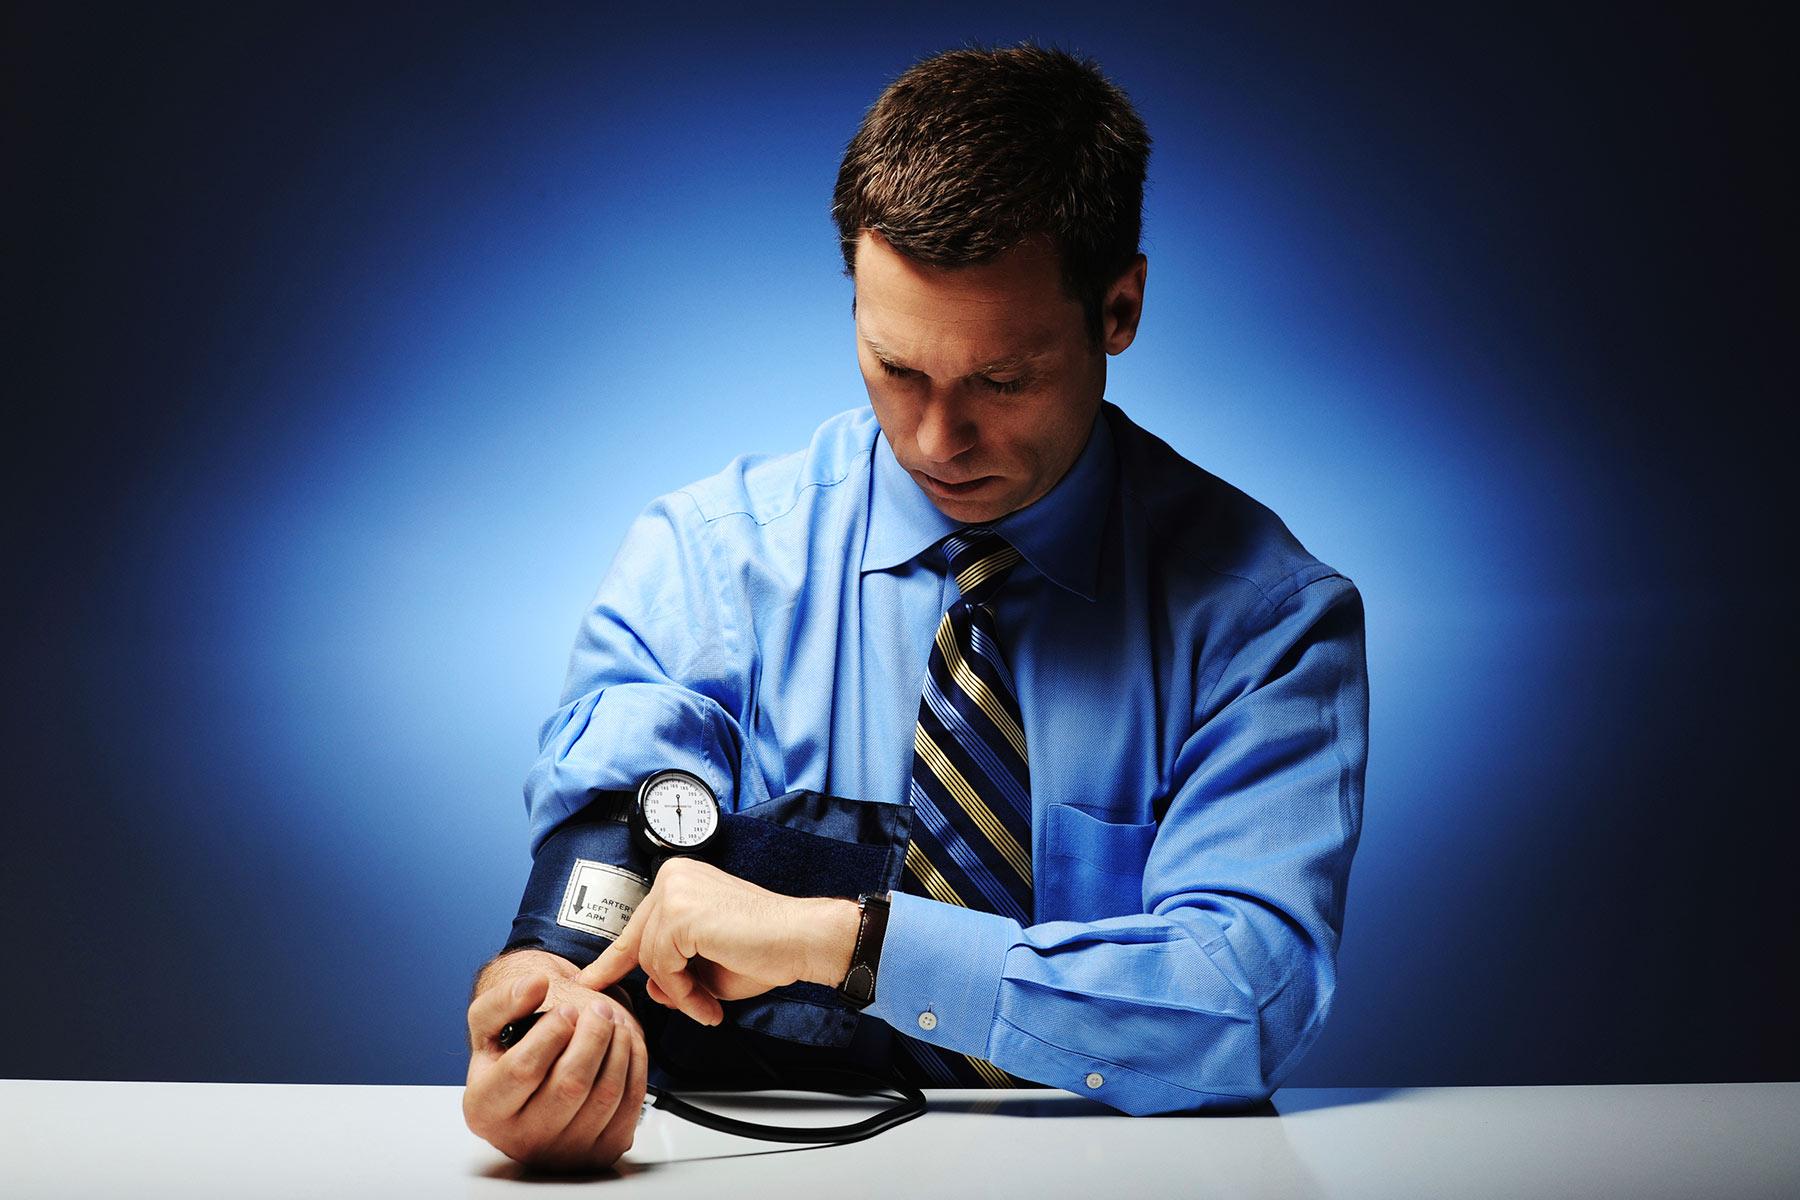 man taking blood pressure reading